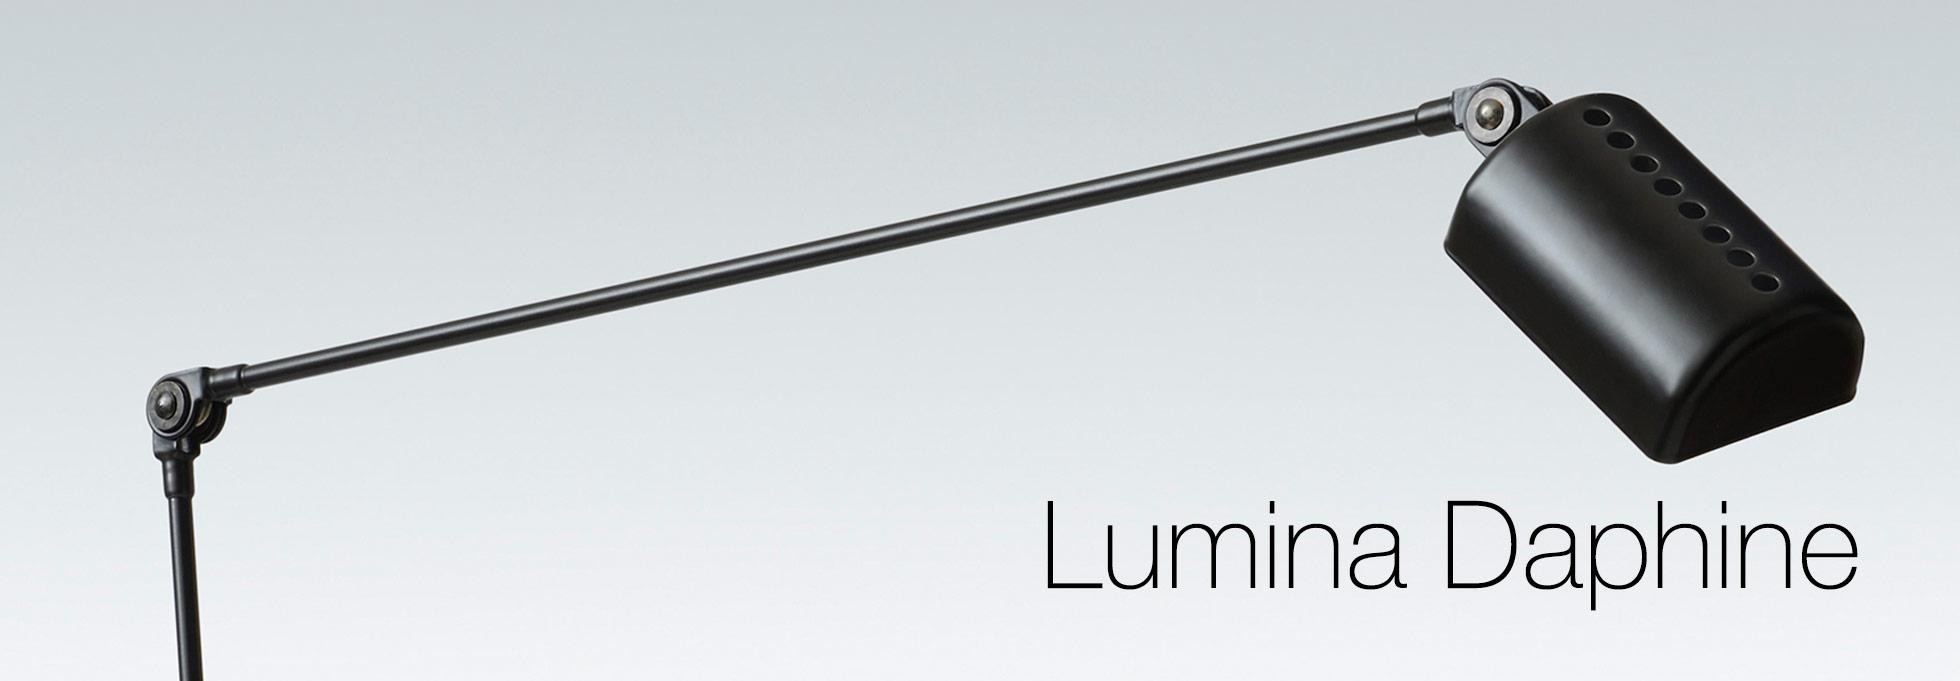 Lumina Daphine Leuchten bei GES Licht erleben entdecken